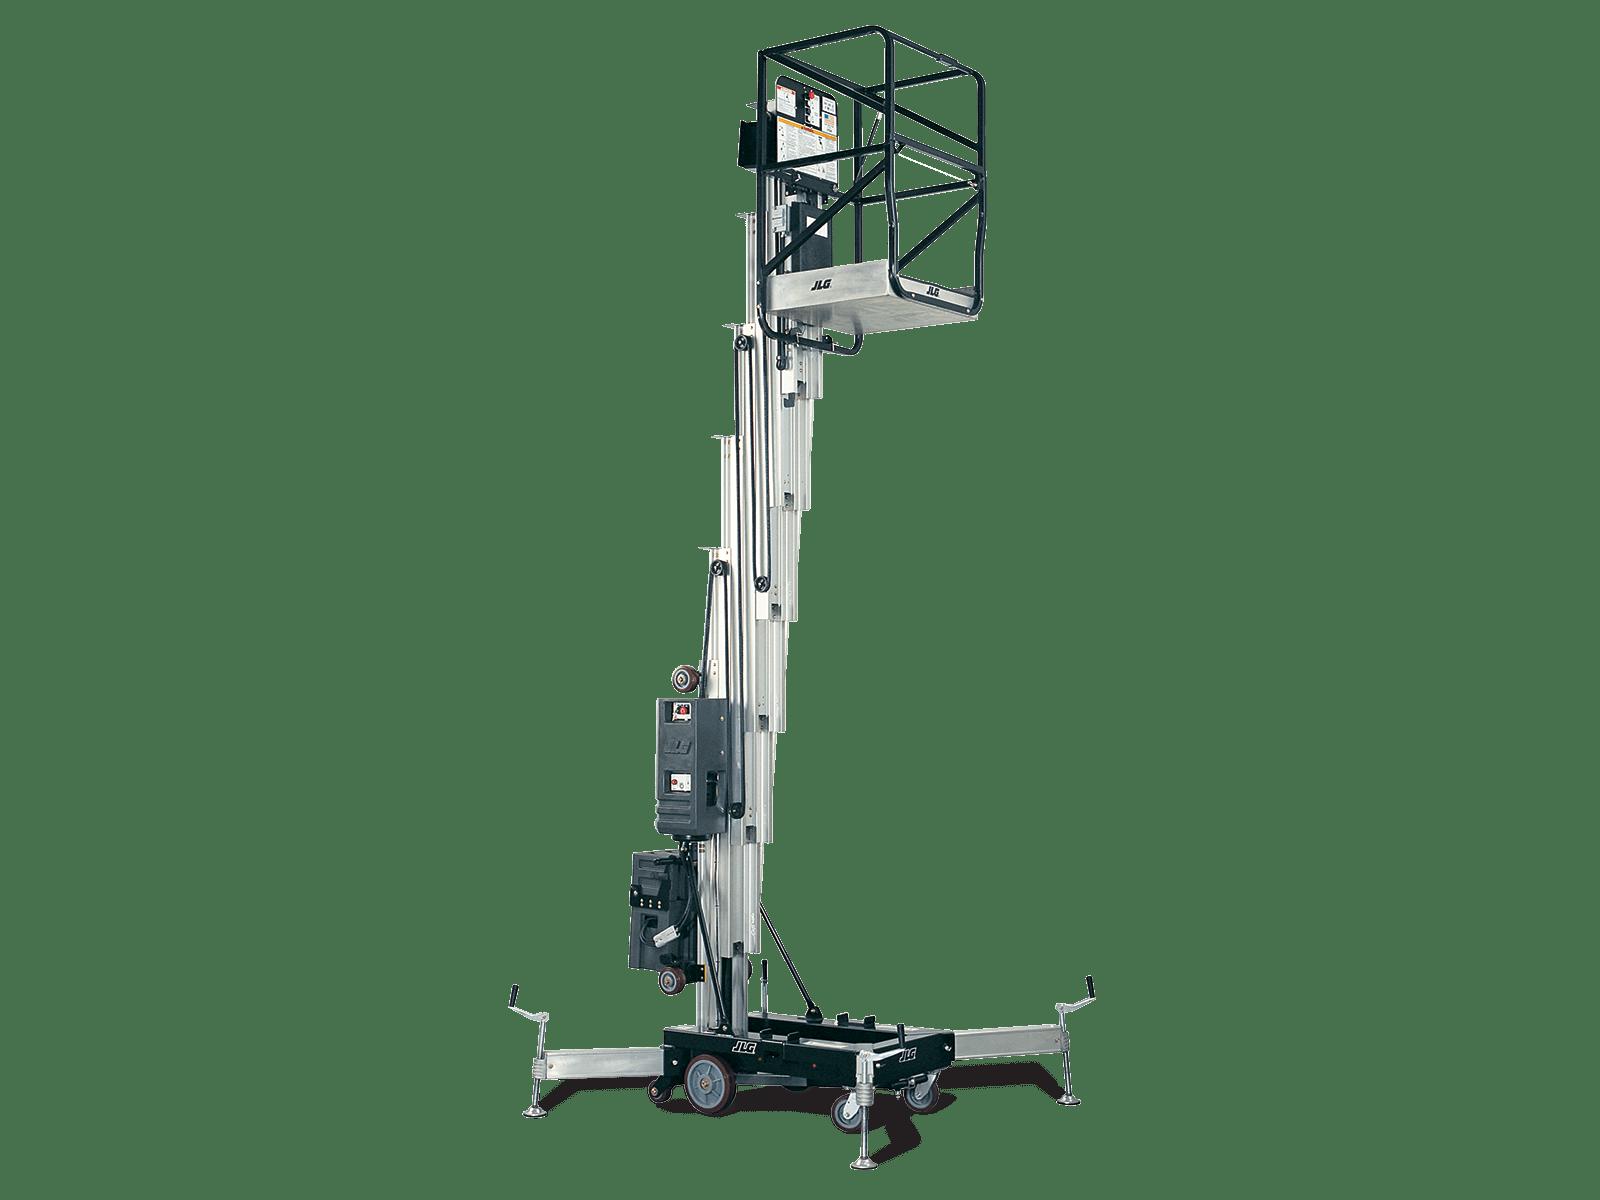 25am push around vertical mast lift jlg rh jlg com jlg lifts manuals model e450aj jlg lift manual